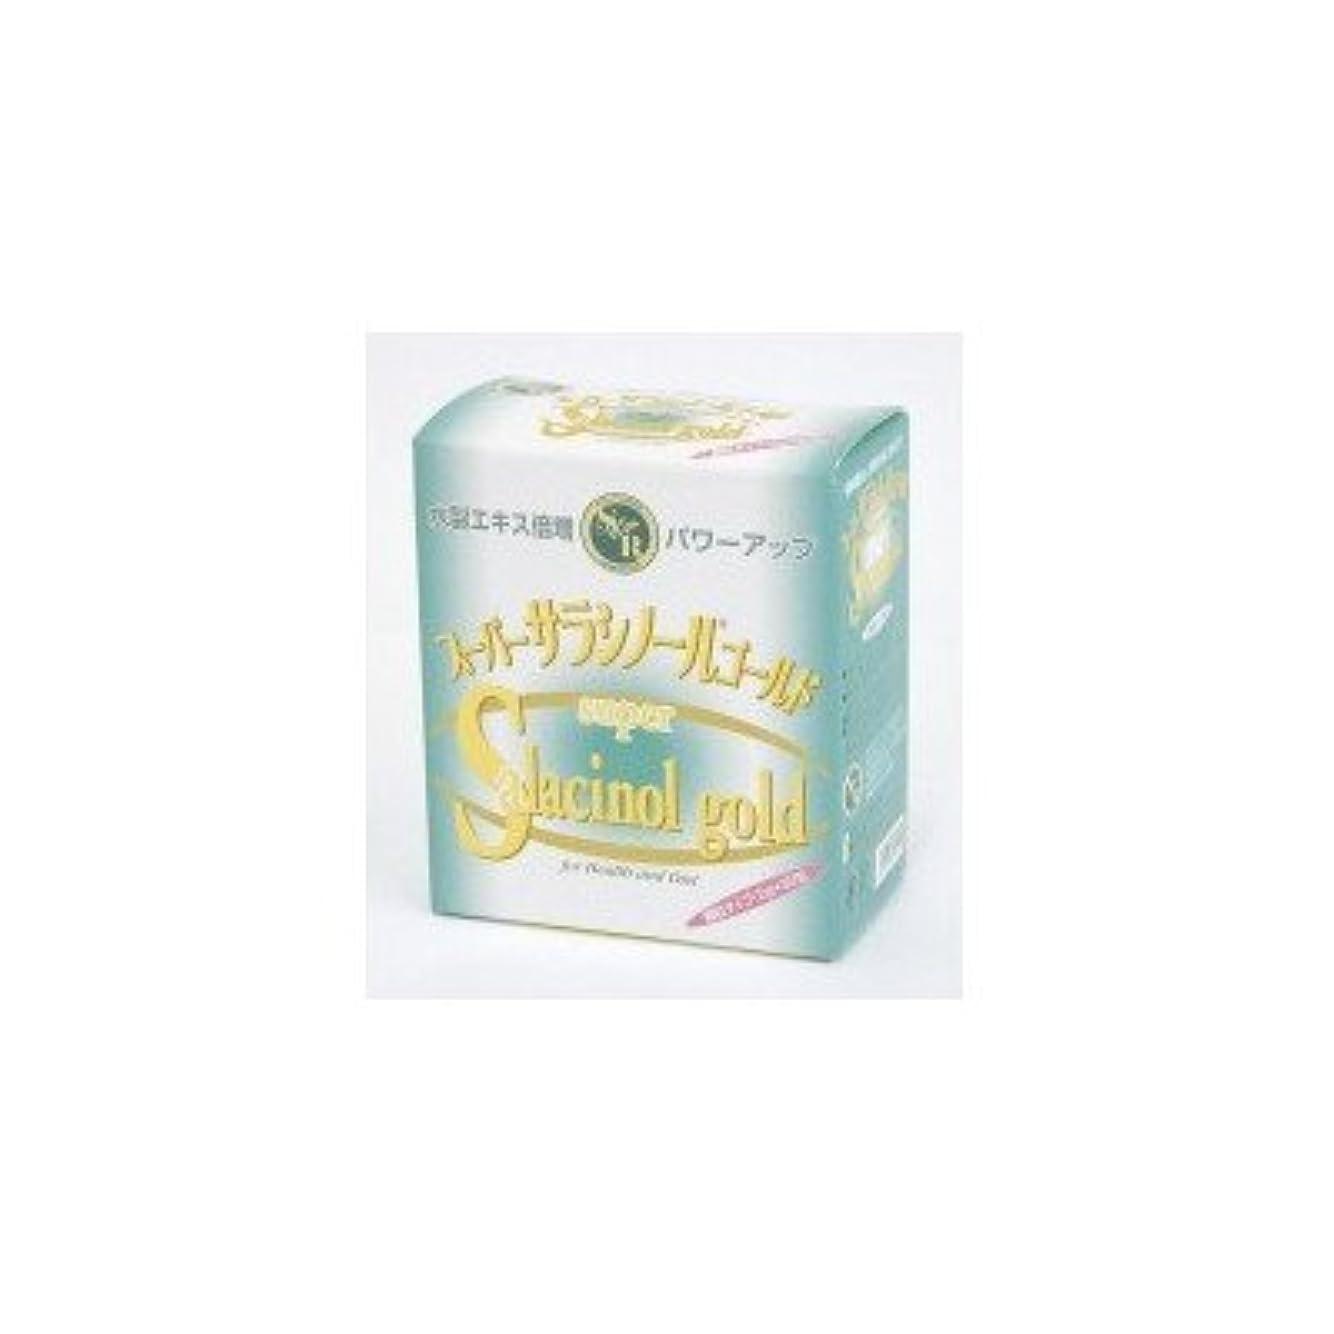 きれいに圧縮する物理的にジャパンヘルス スーパーサラシノールゴールド 2g×30包